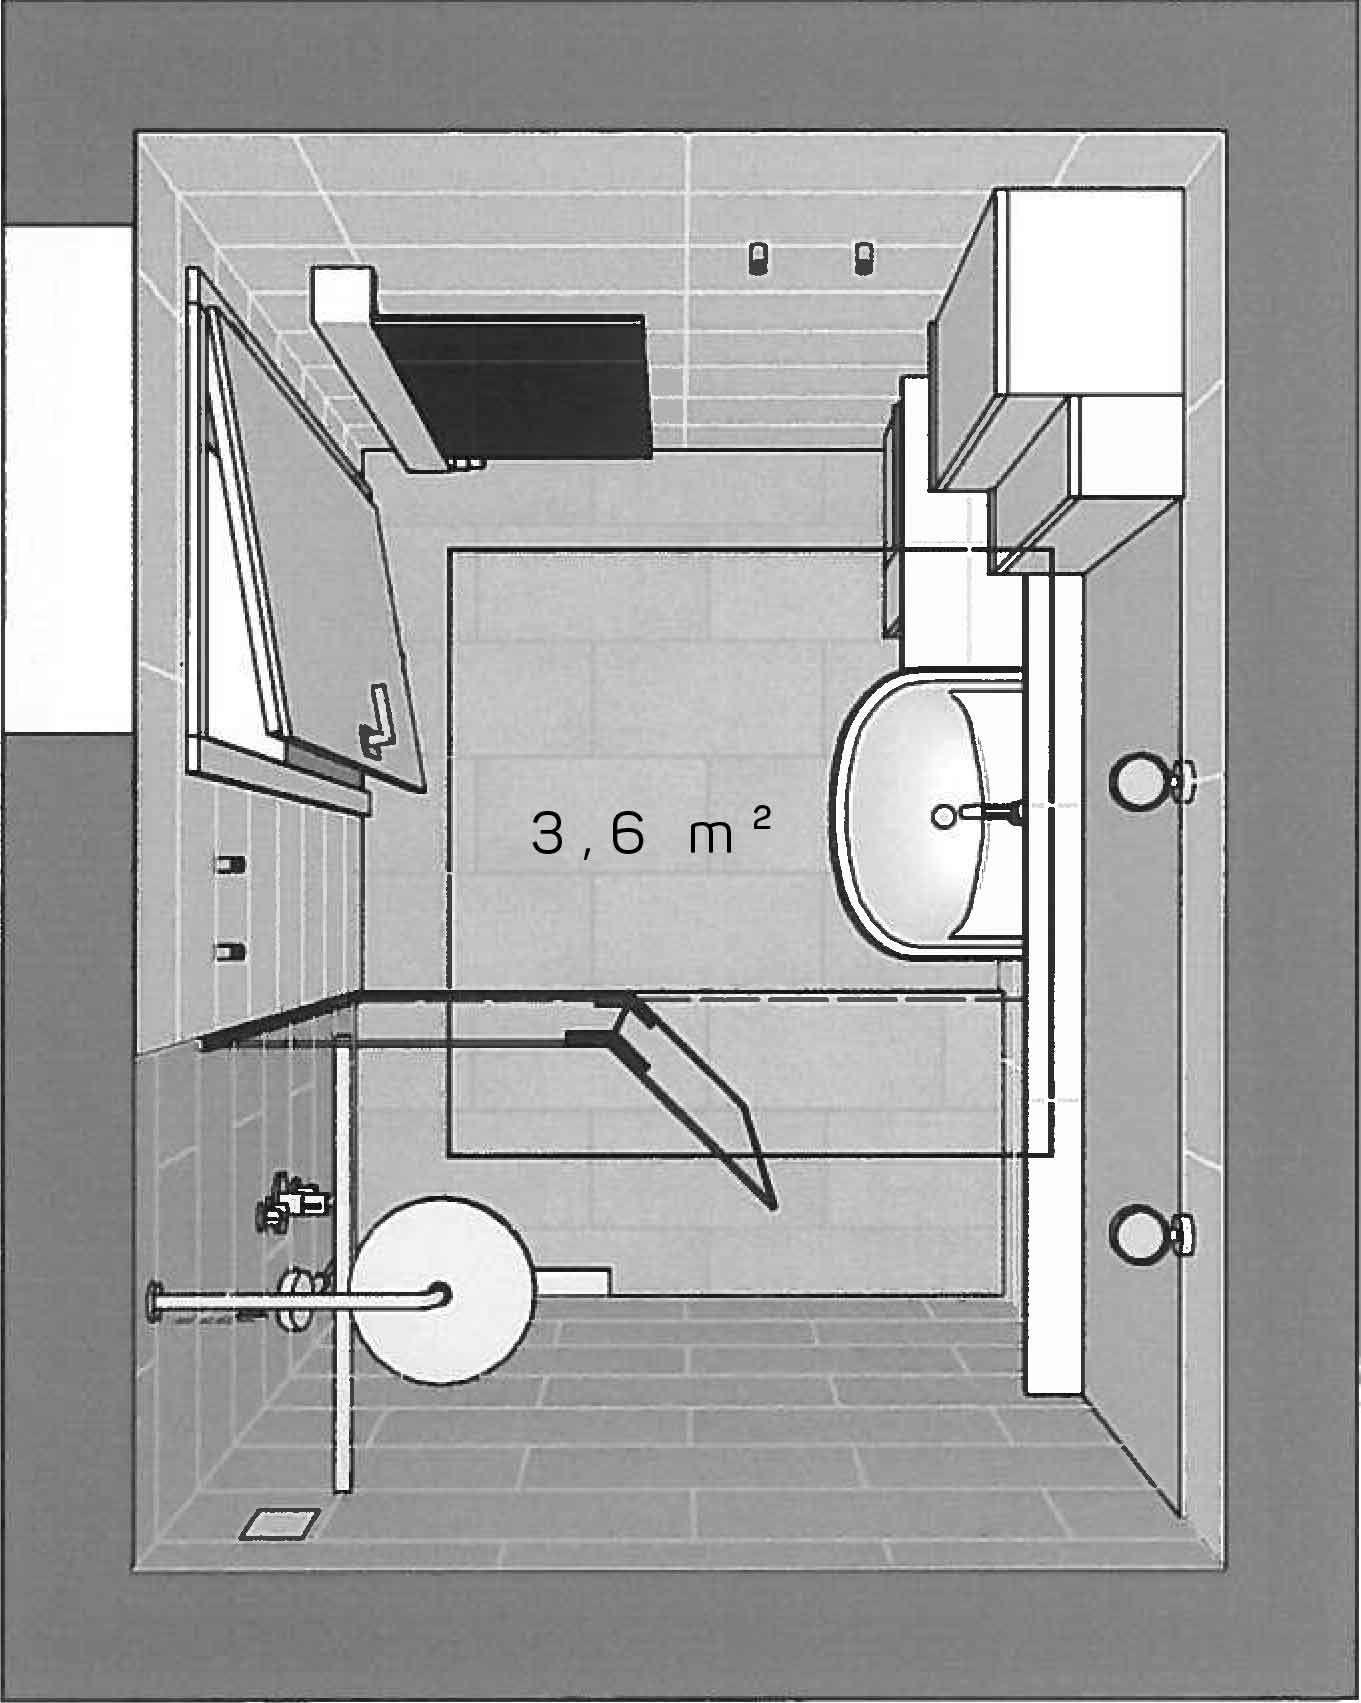 Reduziertes Design im Bad | Begehbare dusche, Waschbecken ...